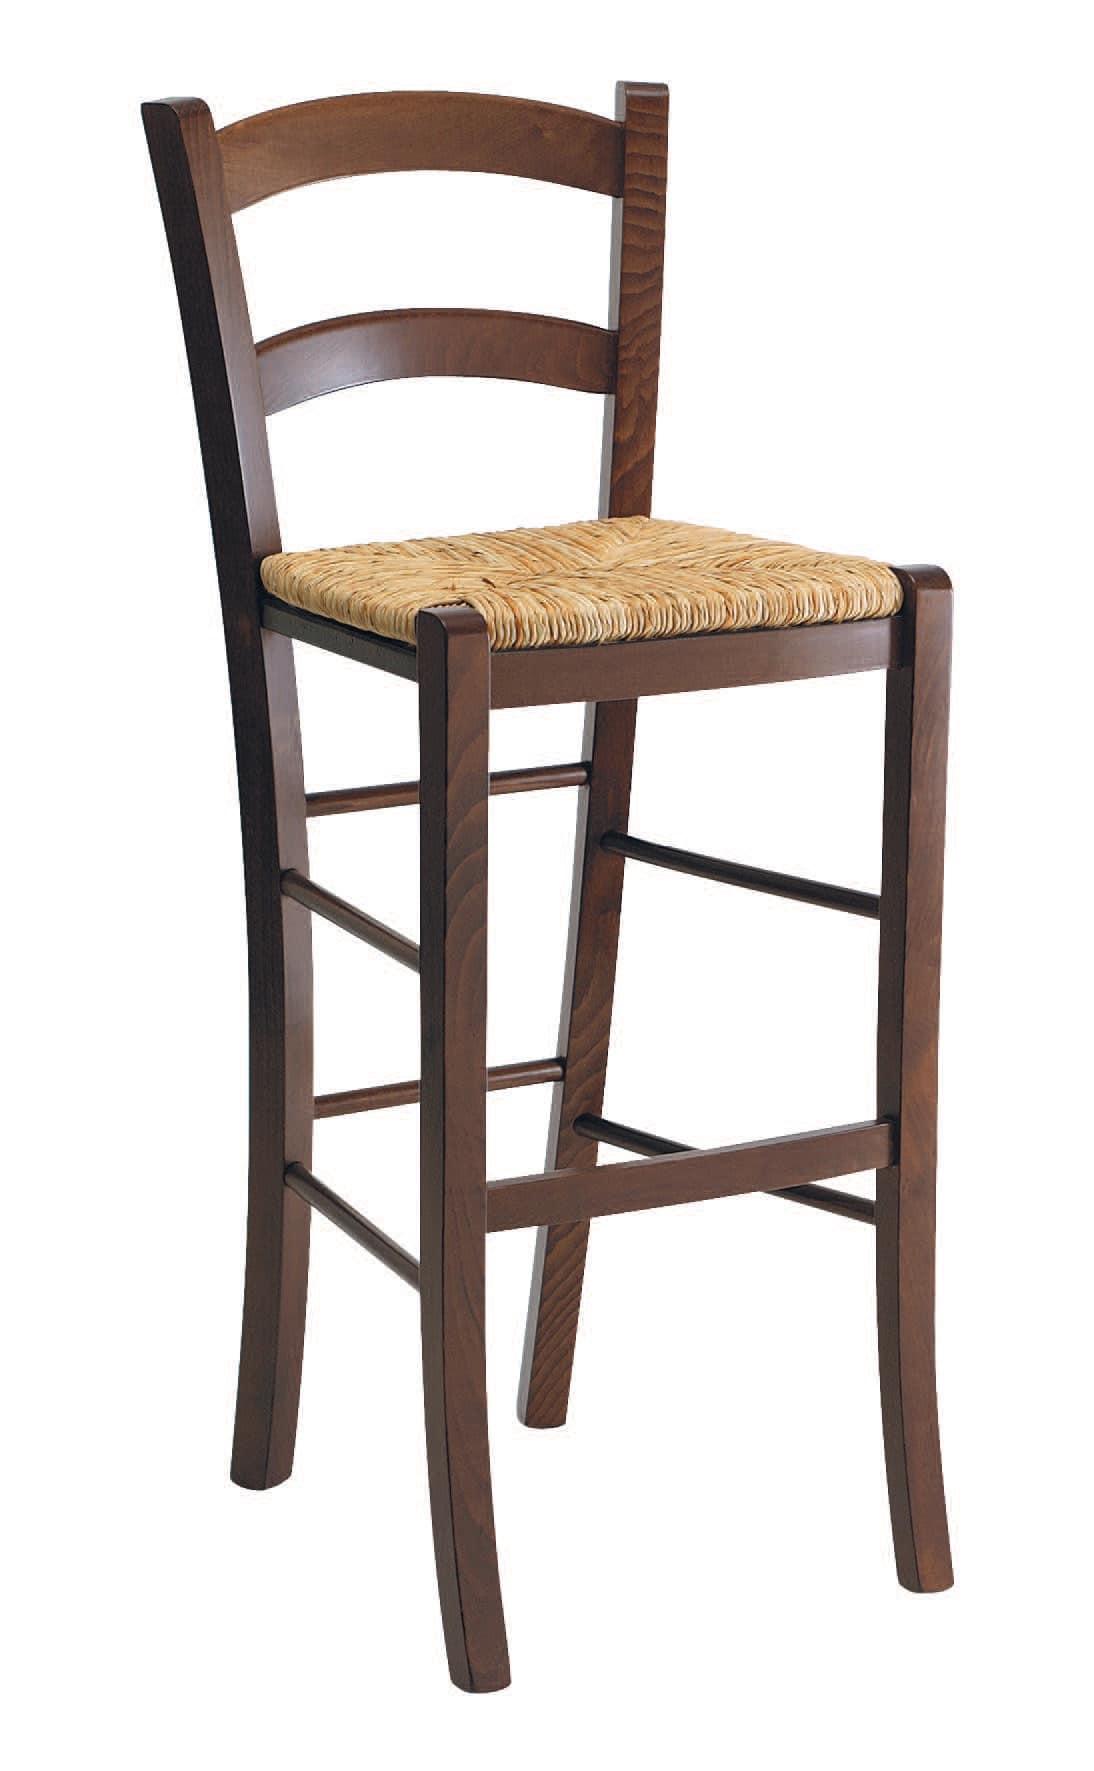 SG 119, Sgabello rustico in legno, con seduta in paglia, per bar